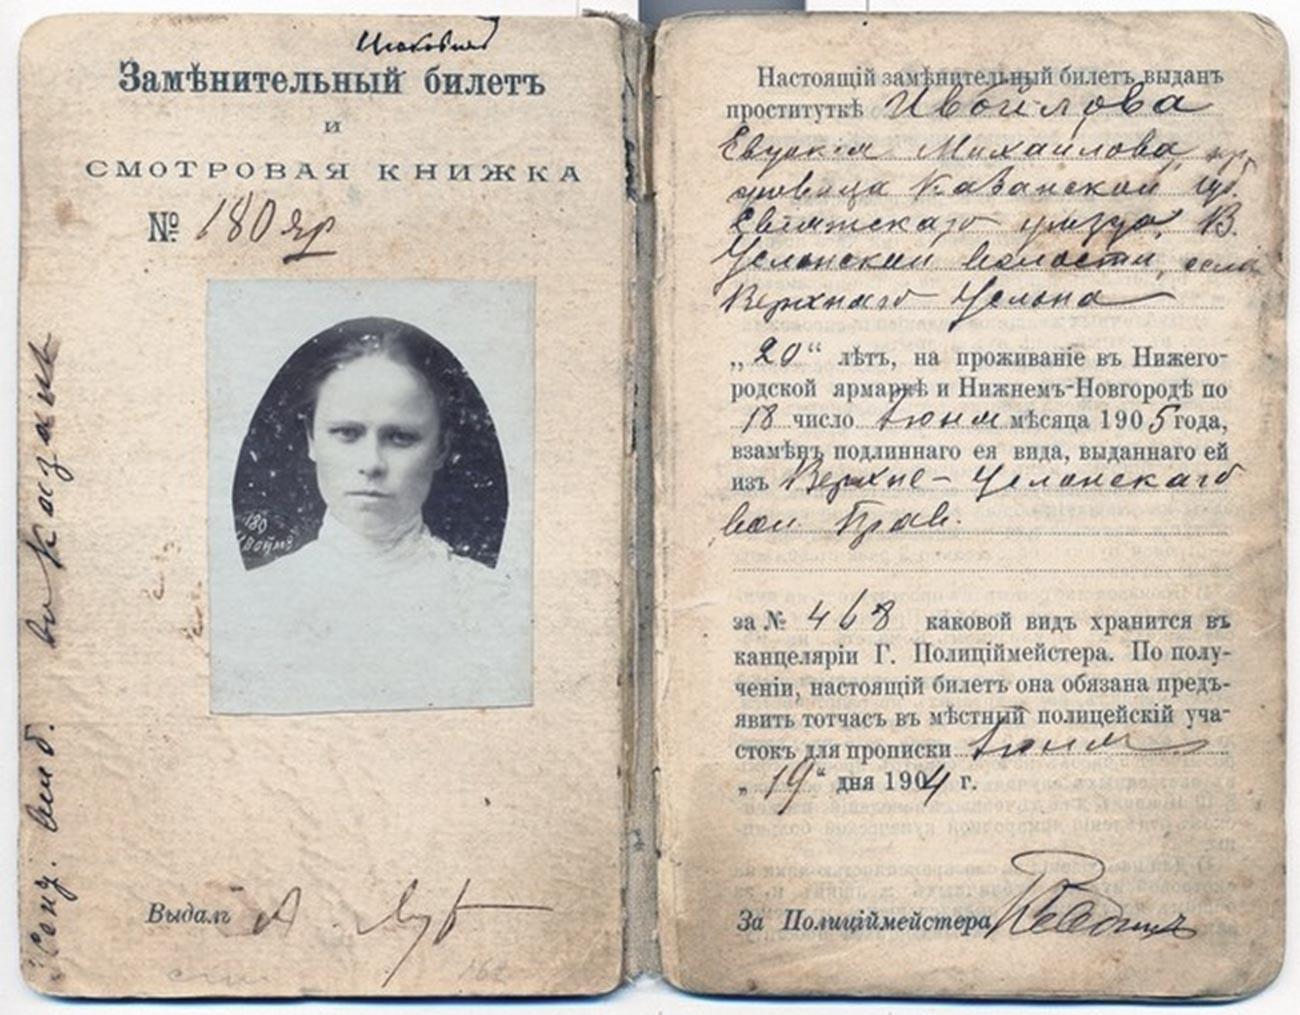 売春婦の代替鑑札、1904〜1905年